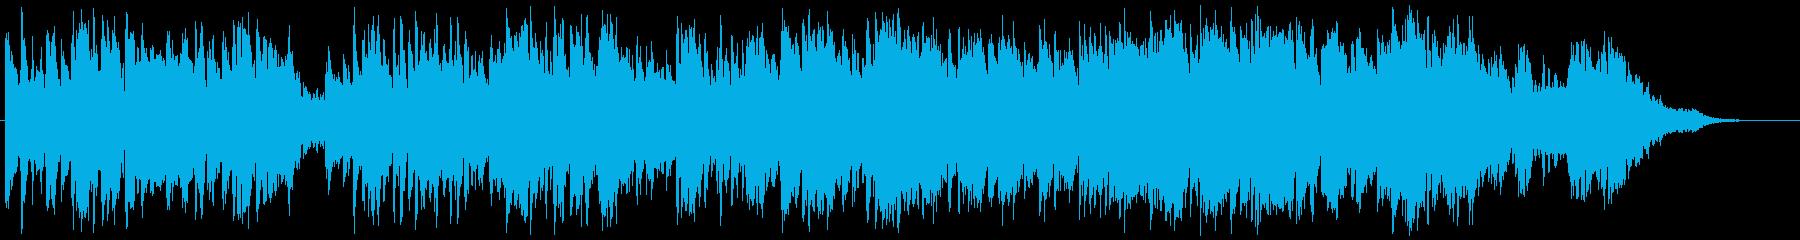 鍵盤ハモニカ・Flute等のバラードの再生済みの波形